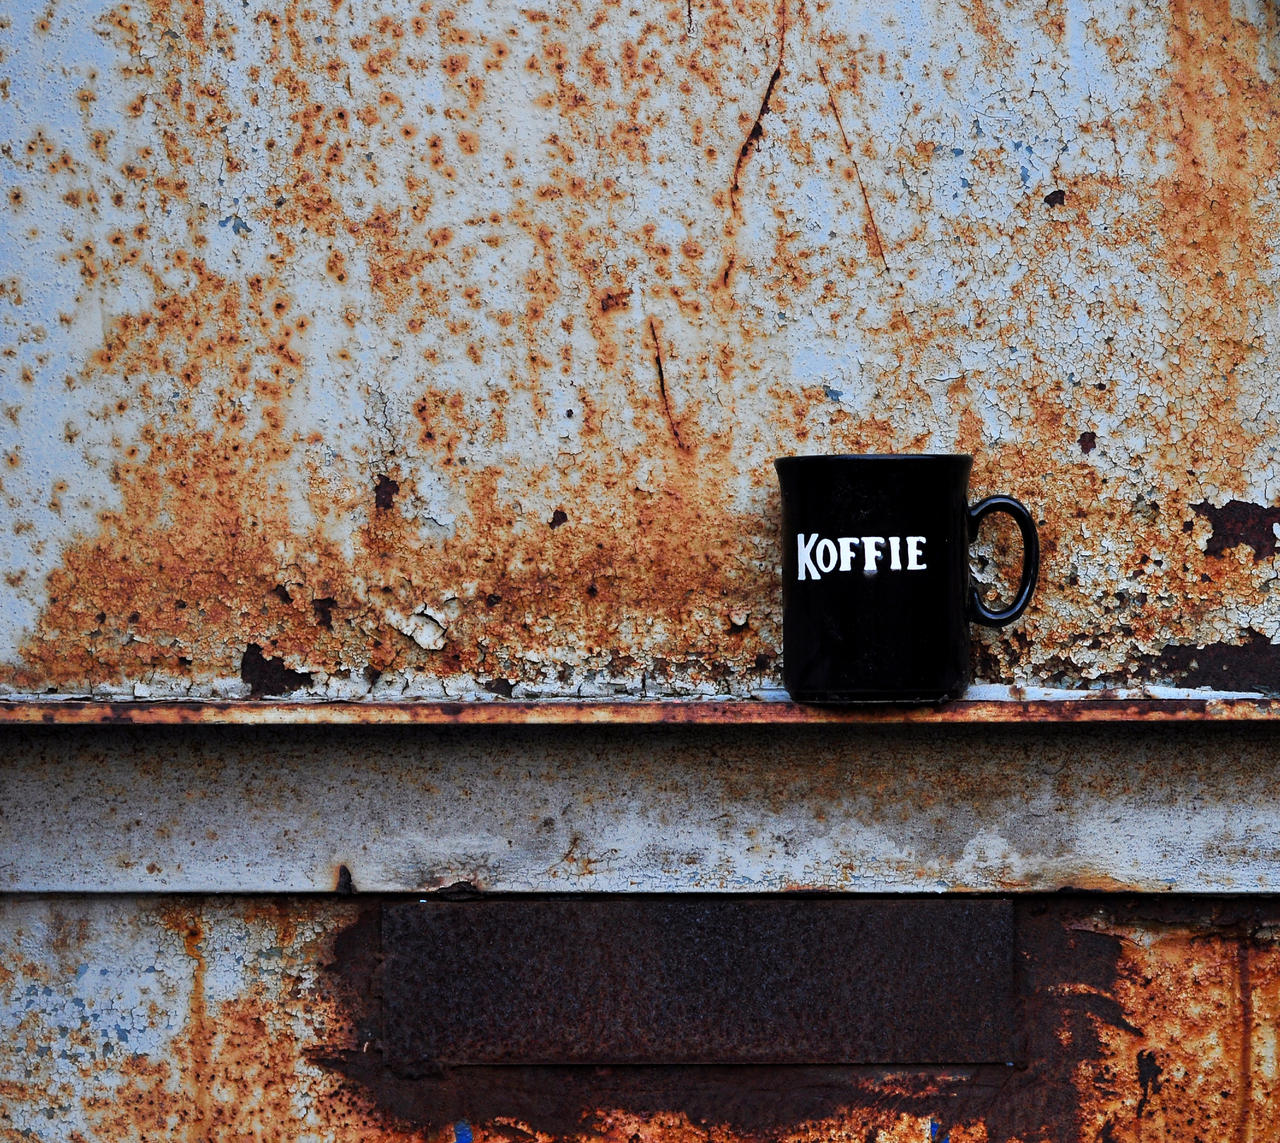 koffie club by chriseastmids